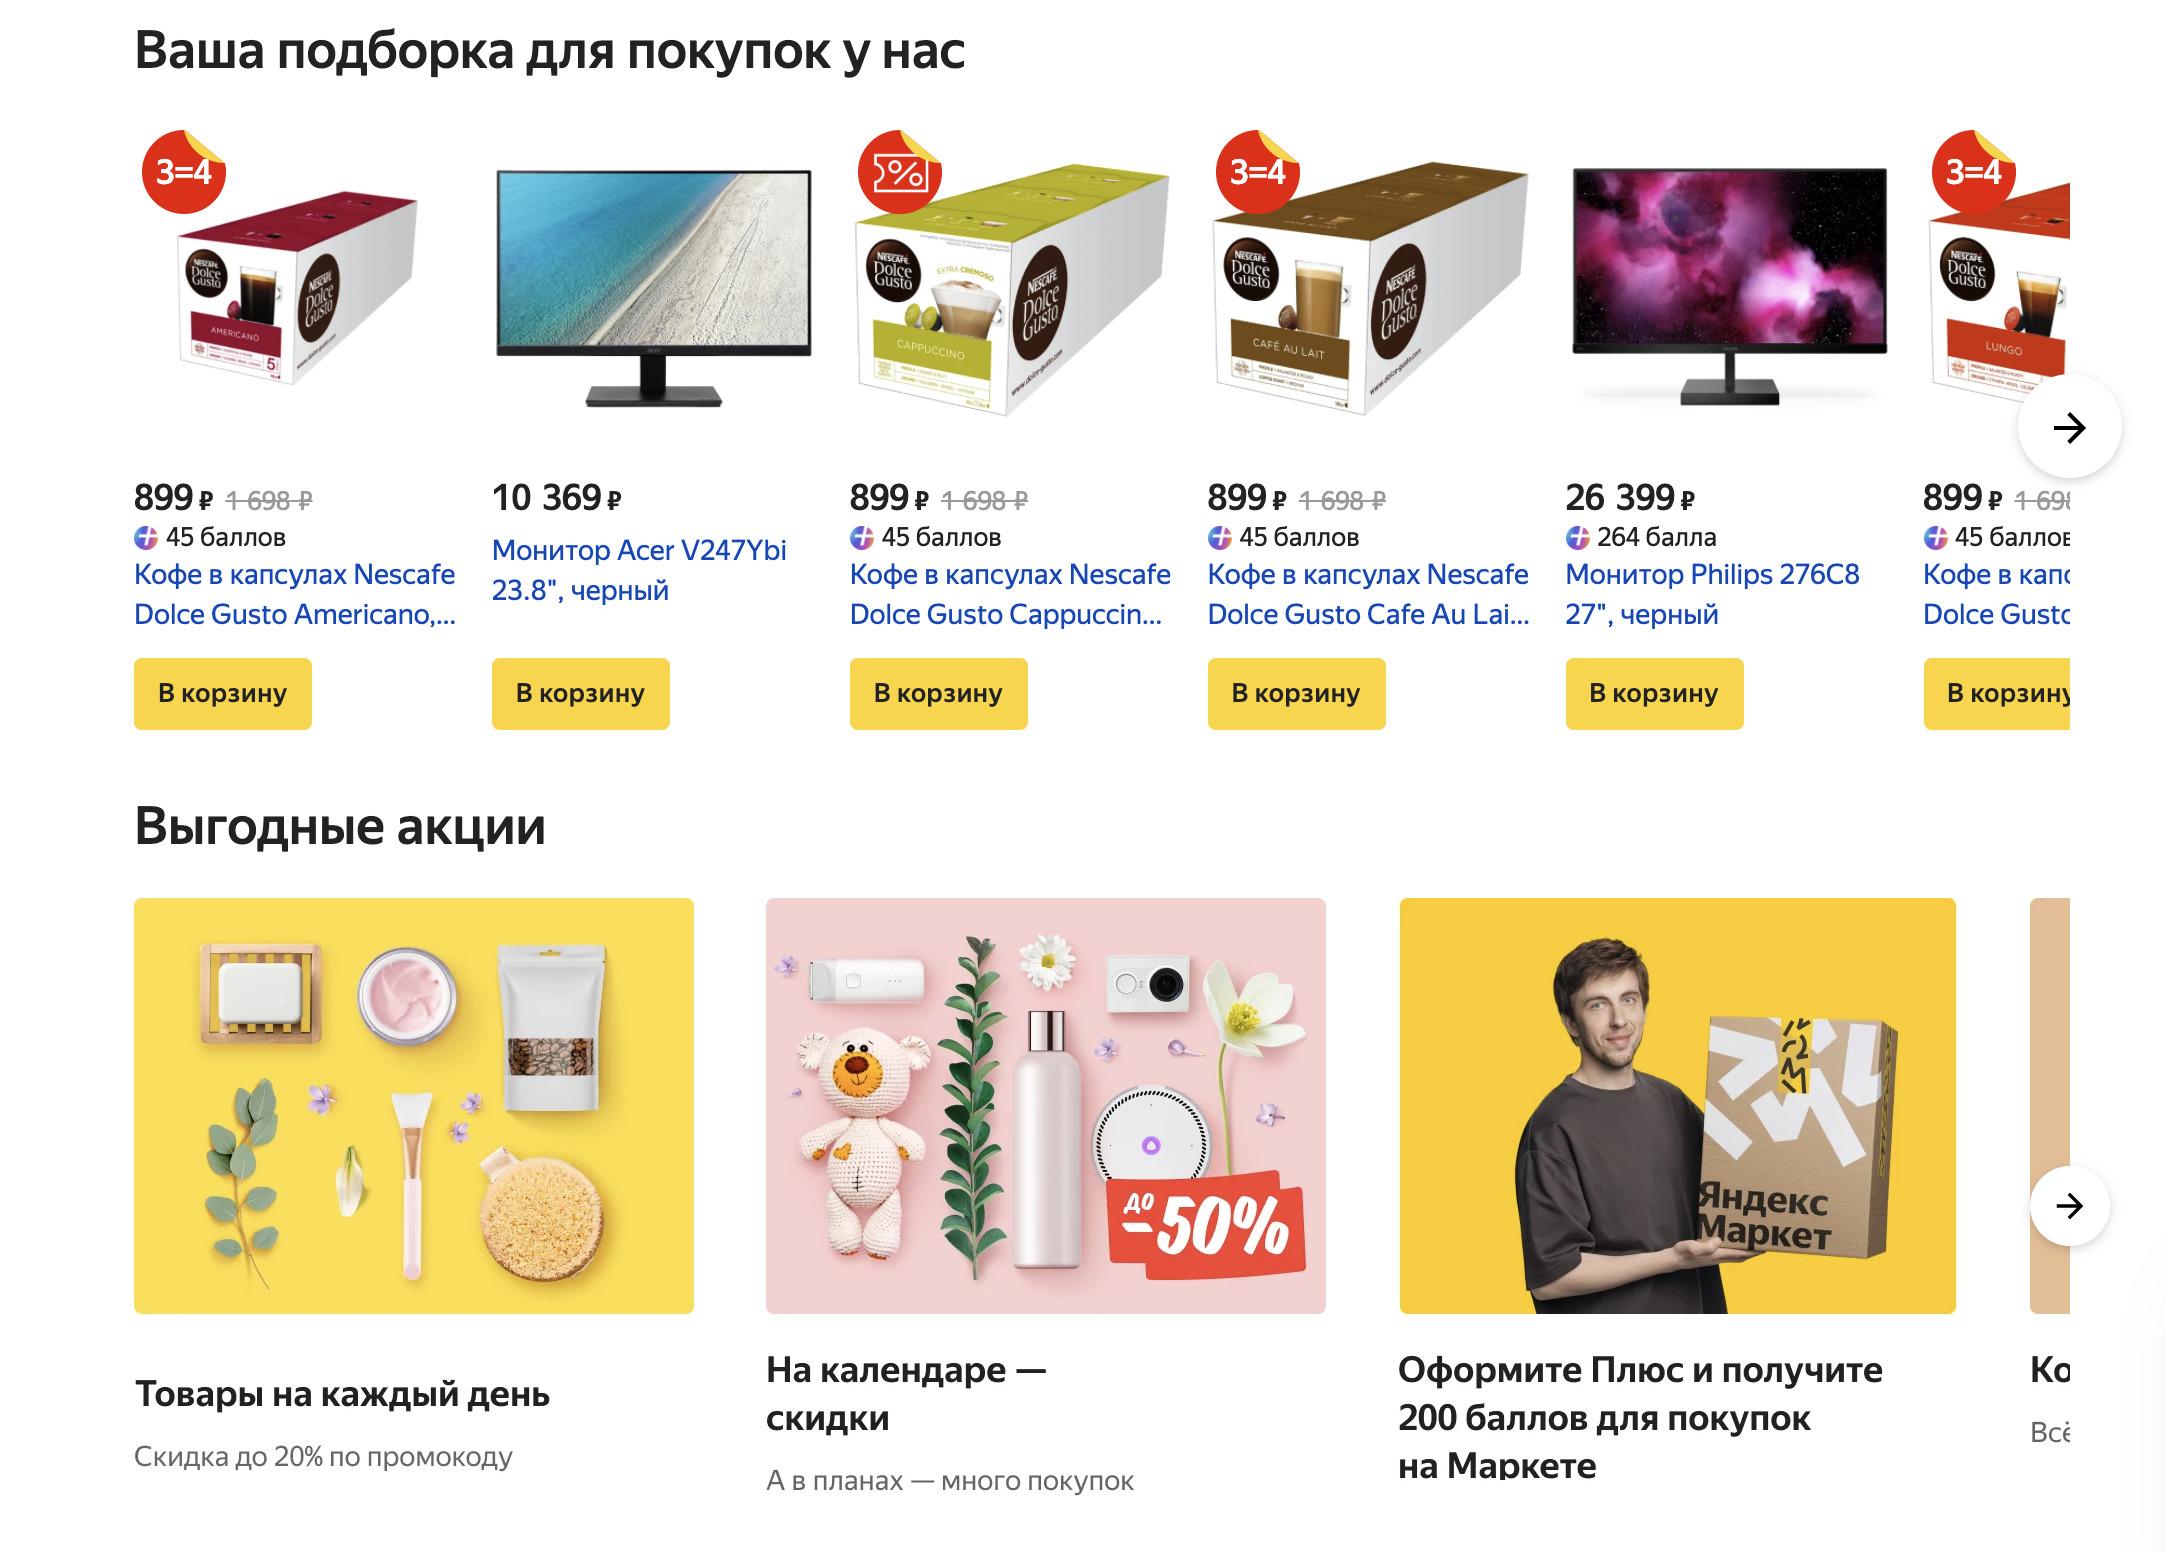 Доставка из Яндекс.Маркет в Уссурийск, сроки, пункты выдачи, каталог